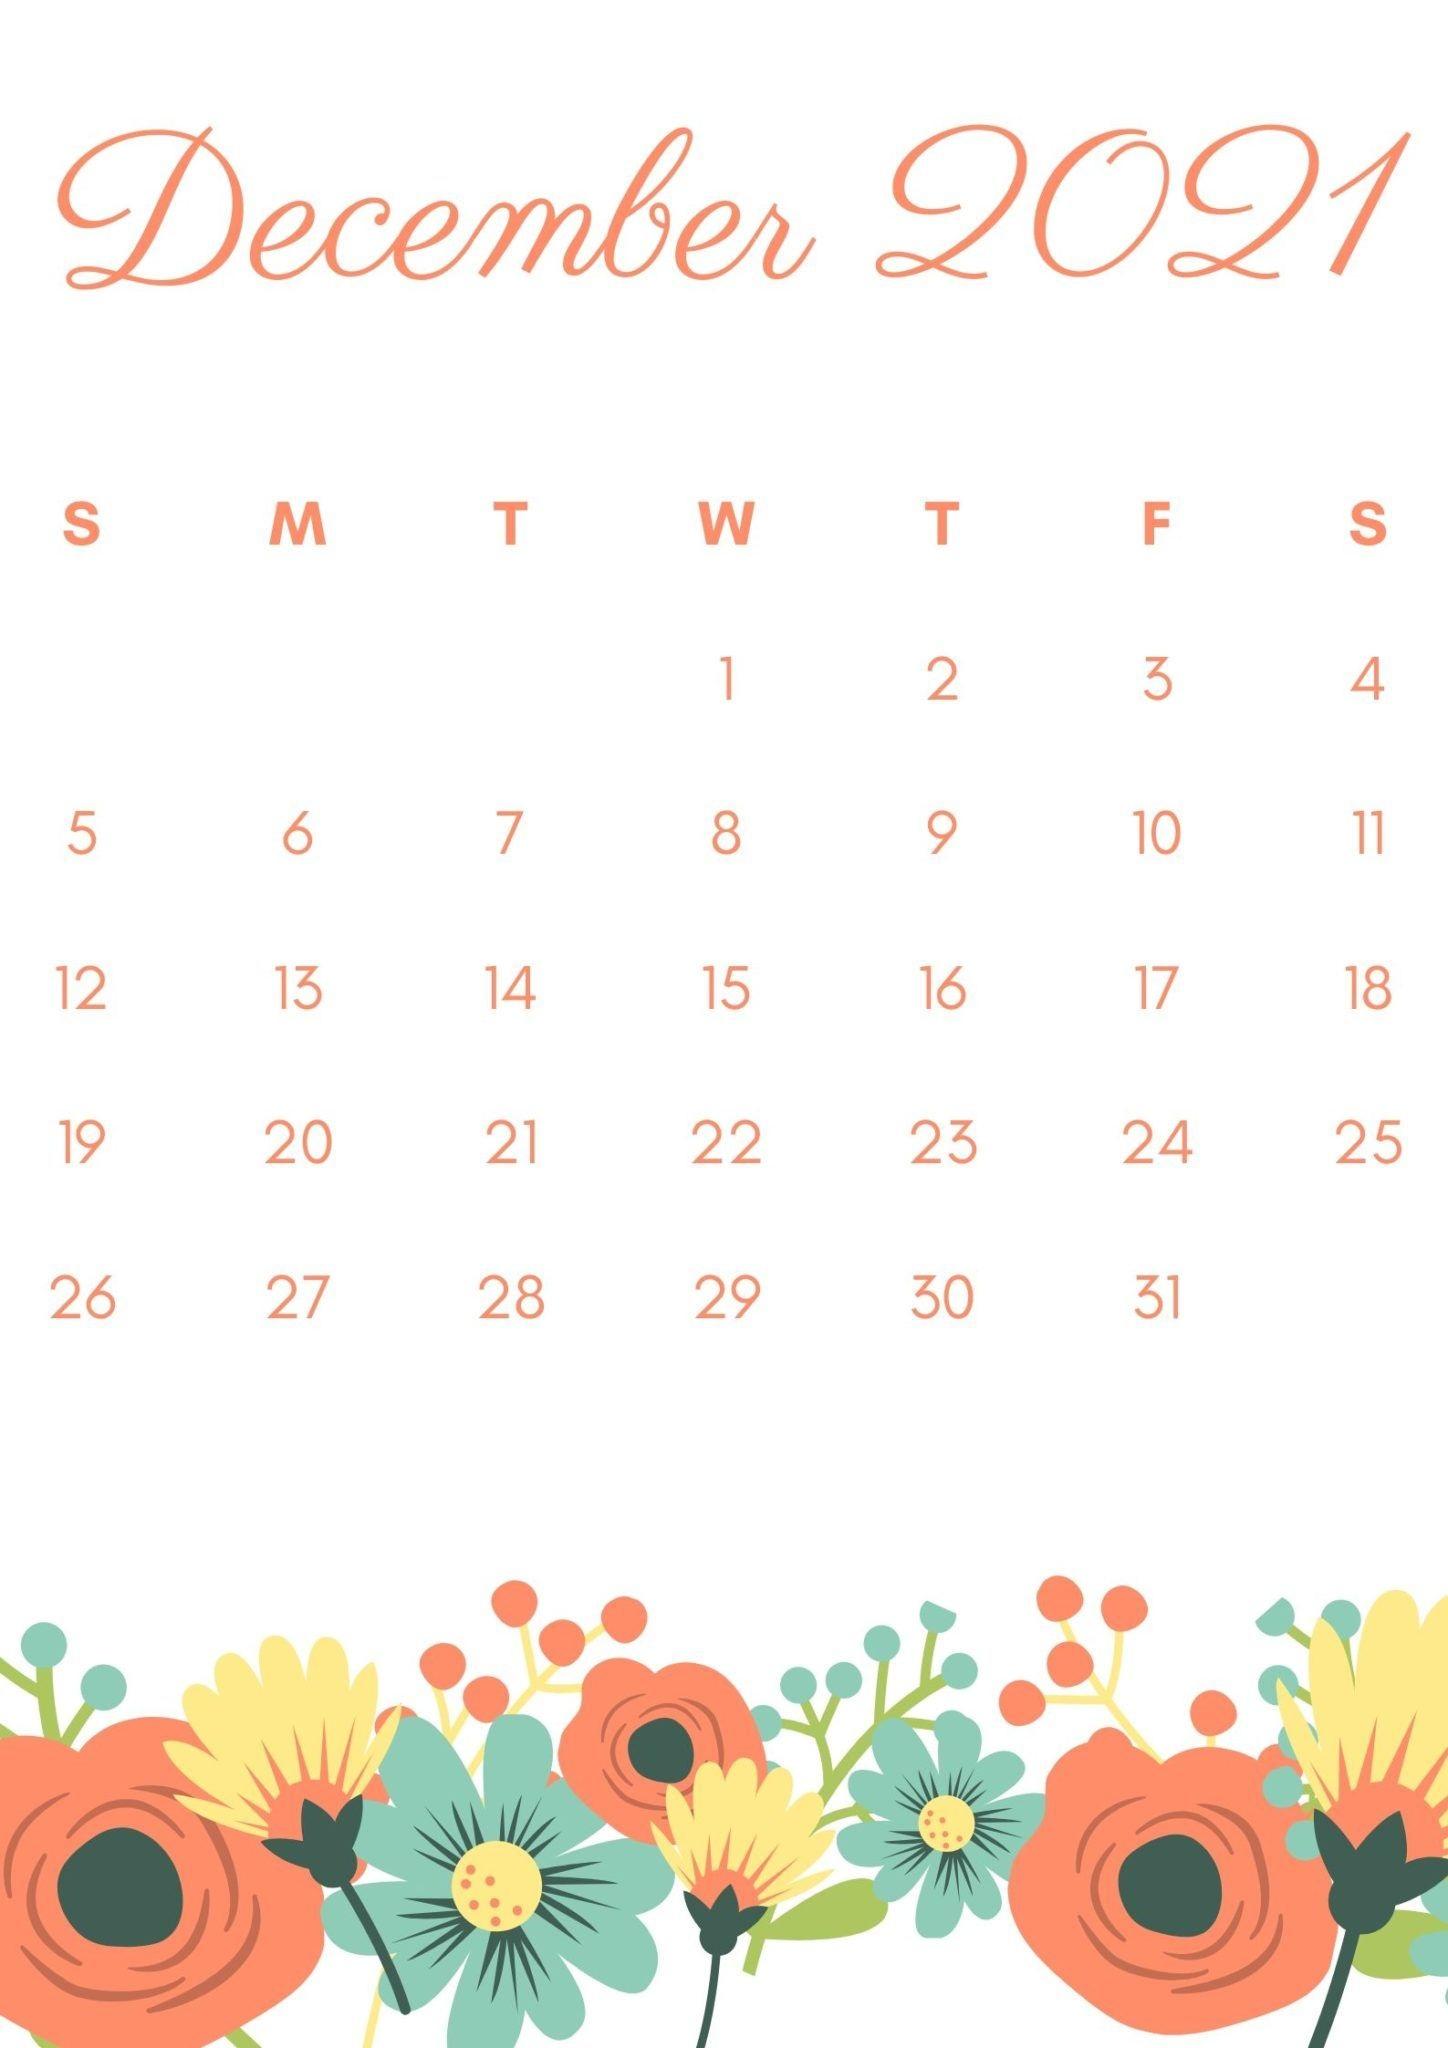 Floral December 2021 Calendar Wallpaper